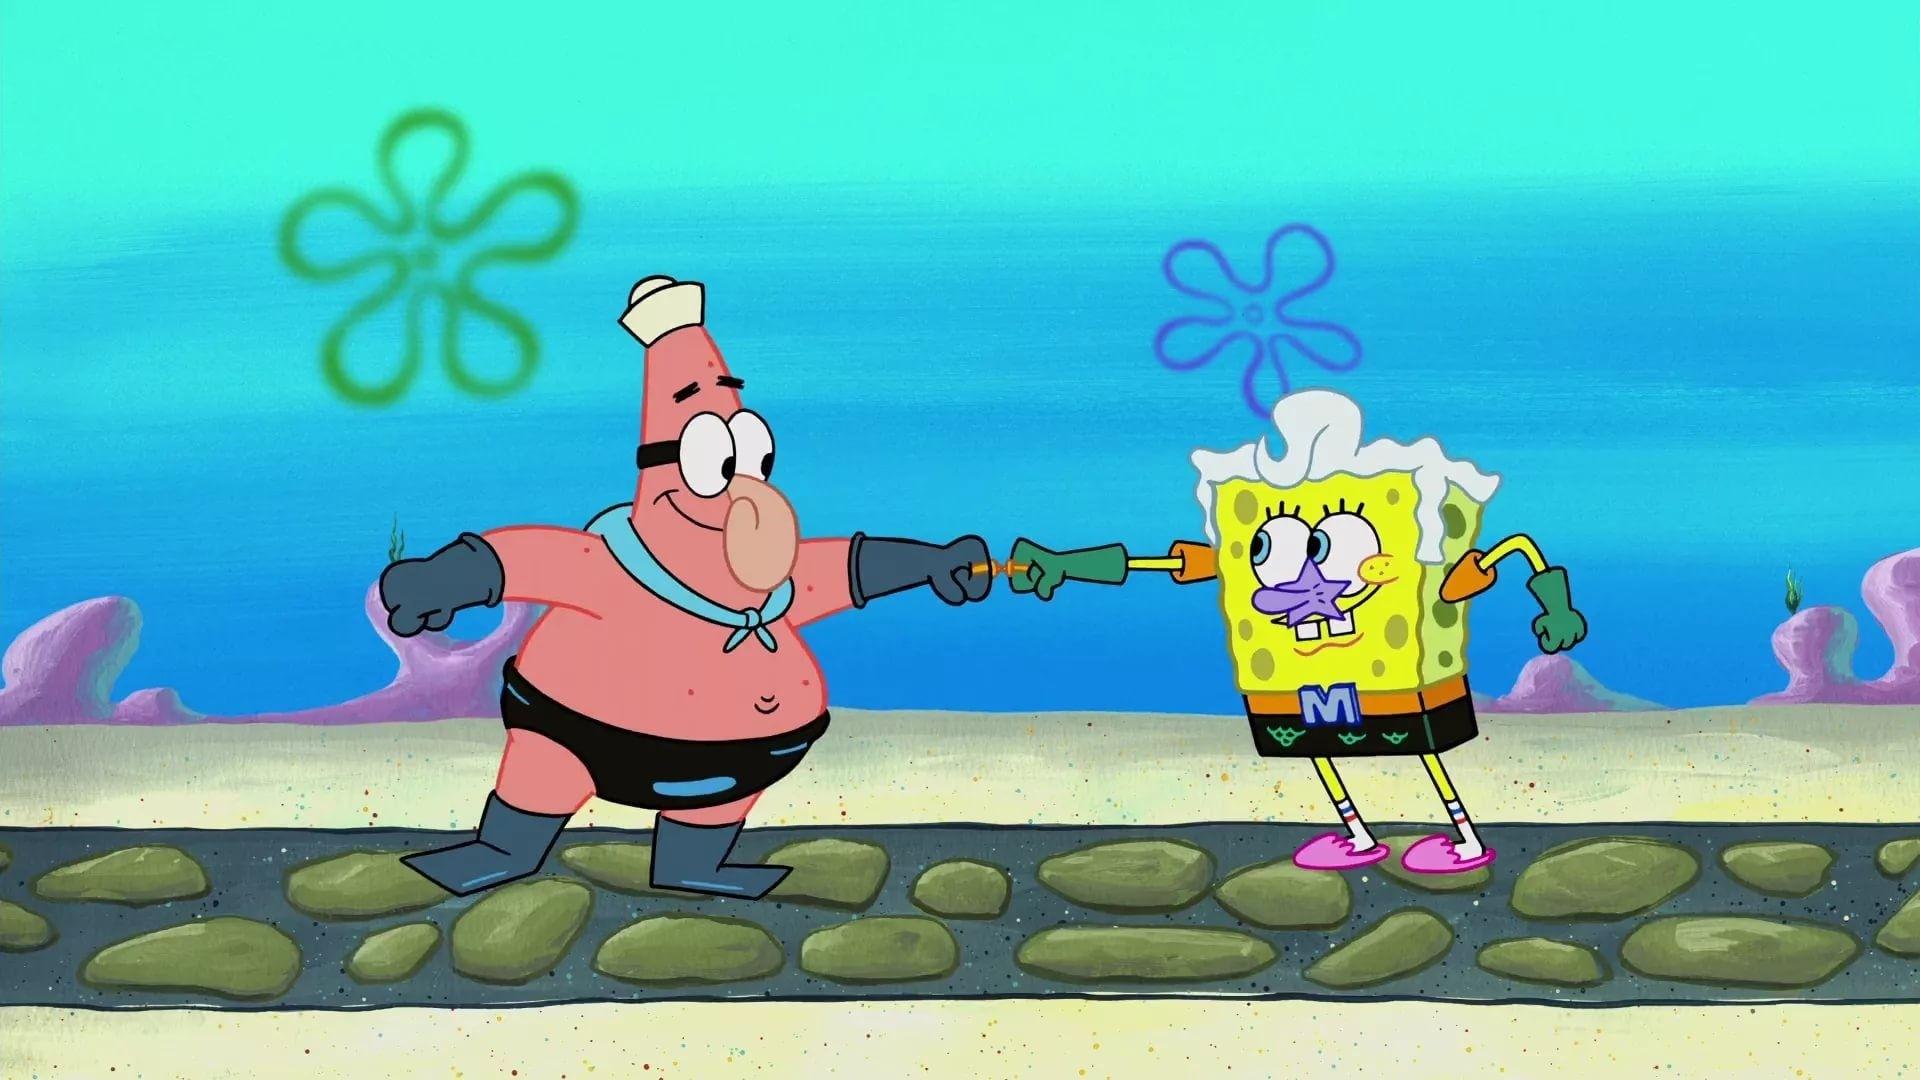 Spongebob And Patrick Wallpaper Download Full